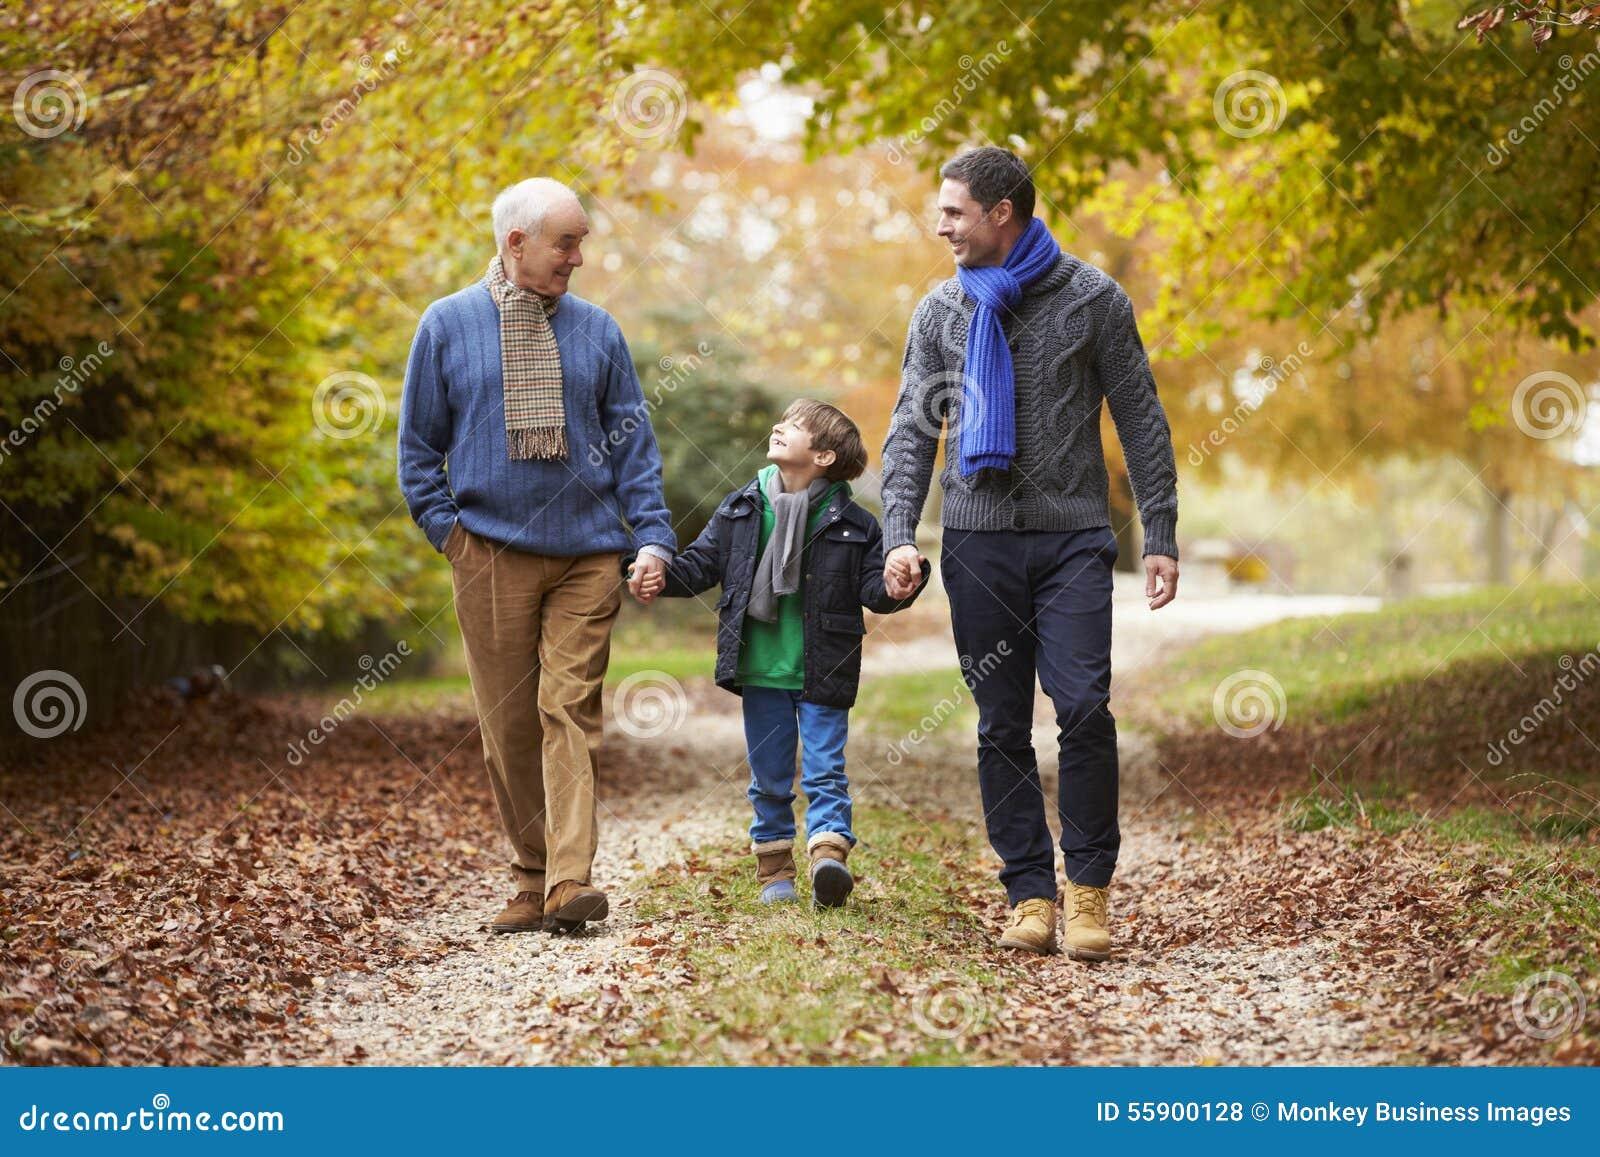 Männliche Multl-Generations-Familie, die entlang Autumn Path geht